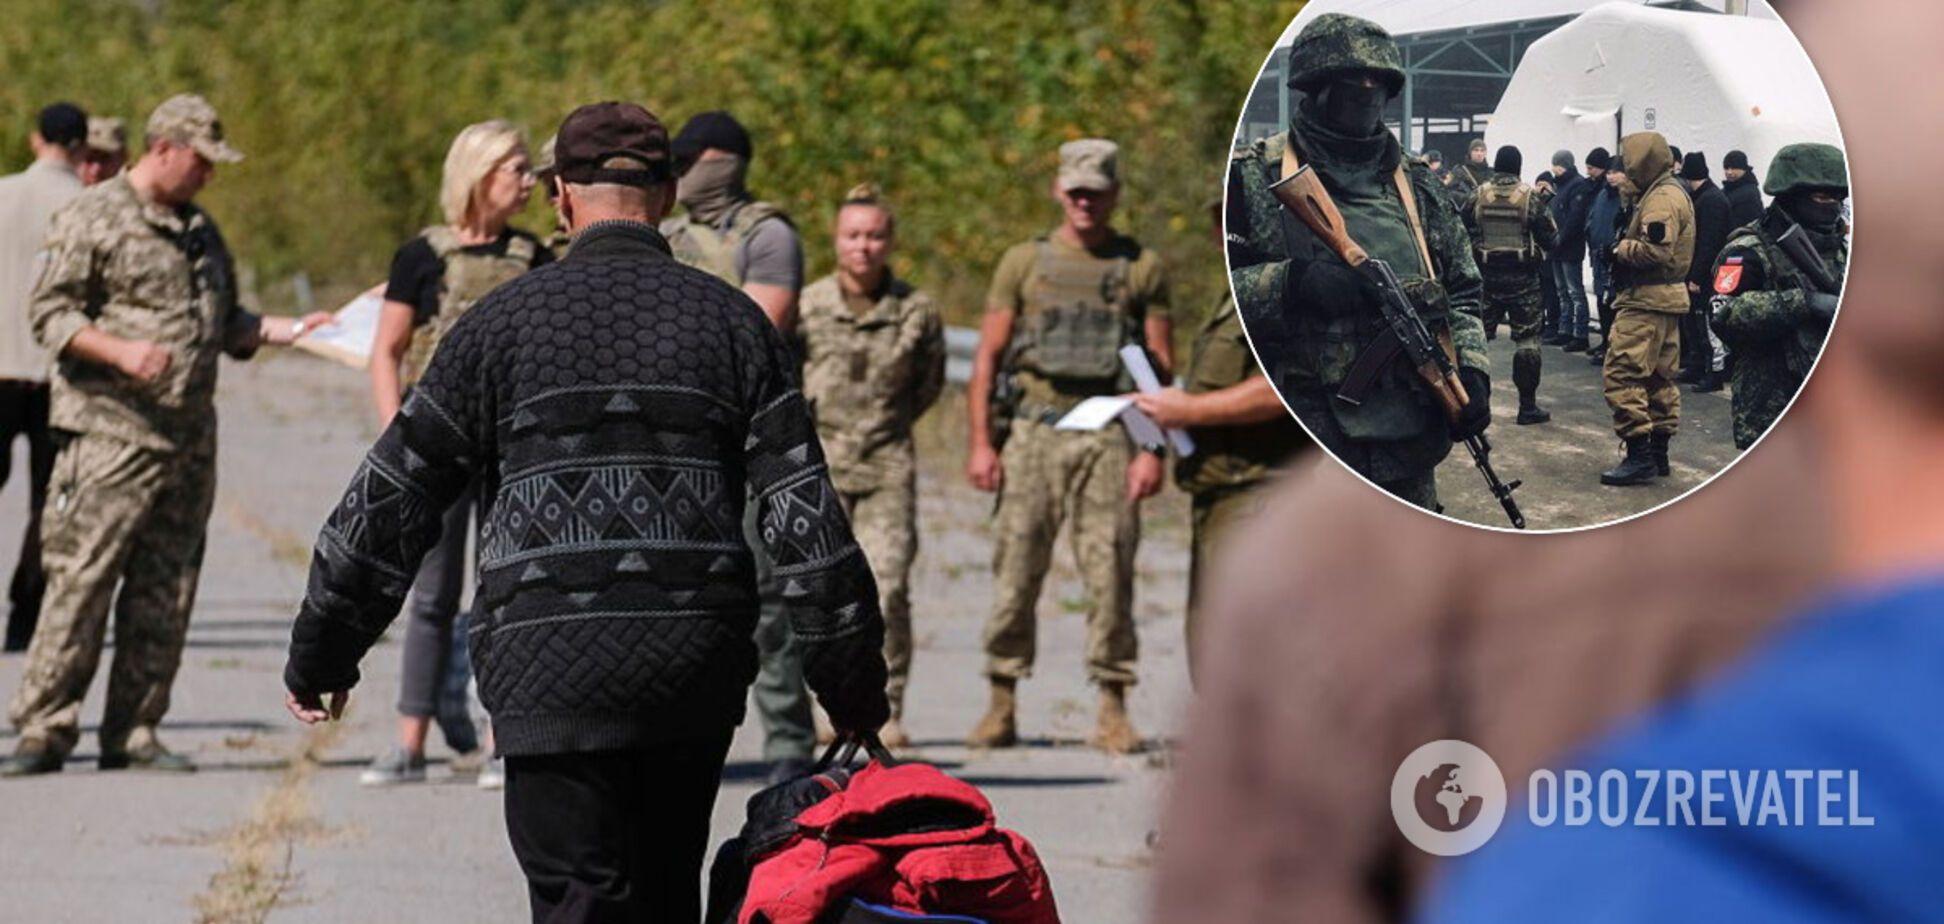 Як спільники терористів потрапляють на обмін полоненими: розкриті кричущі деталі